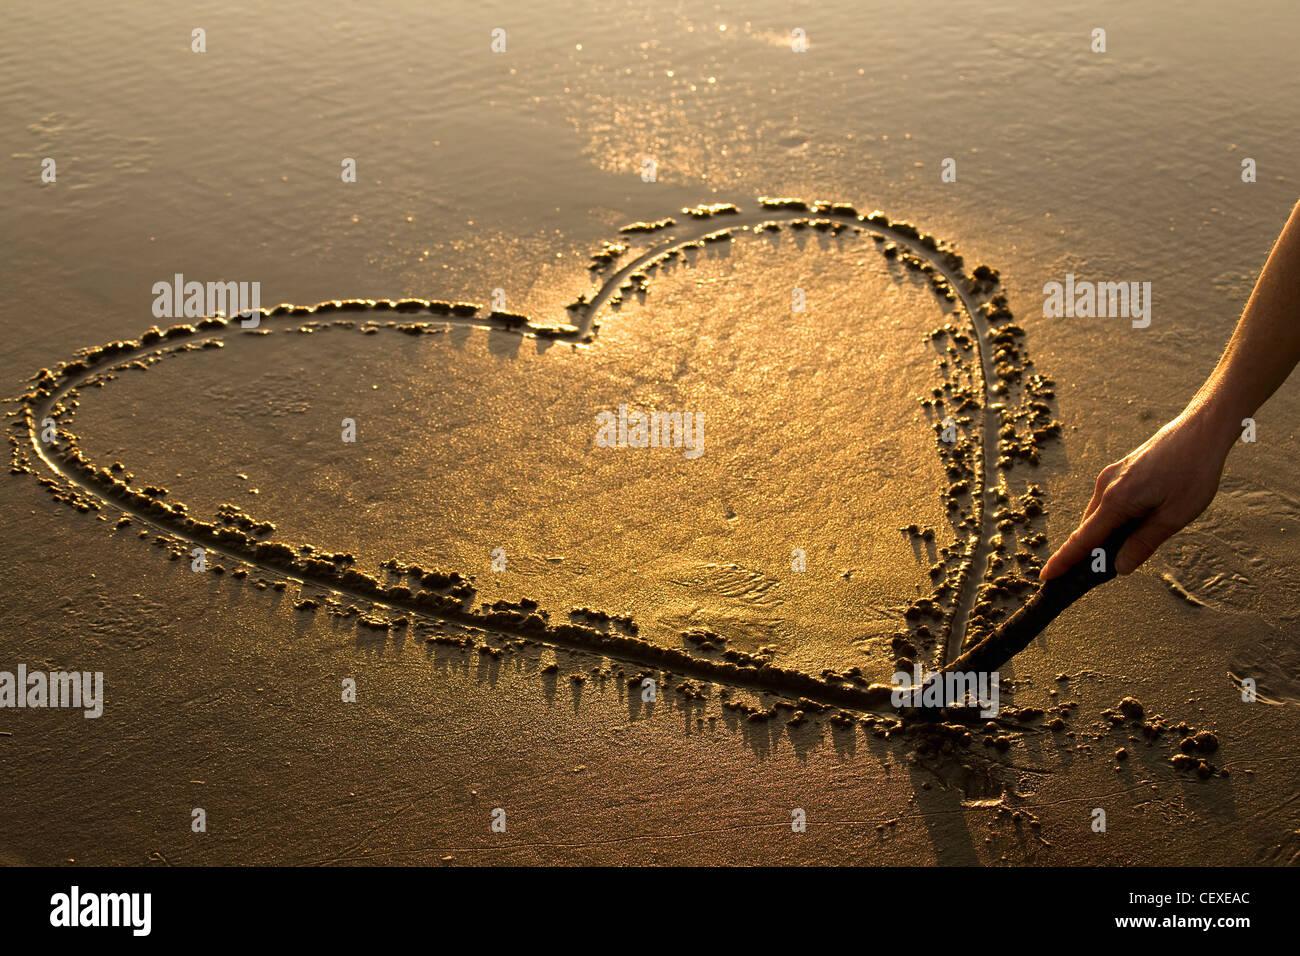 Forme de coeur gravé dans le sable d'une plage au coucher du soleil avec une main tenant un bâton; Photo Stock